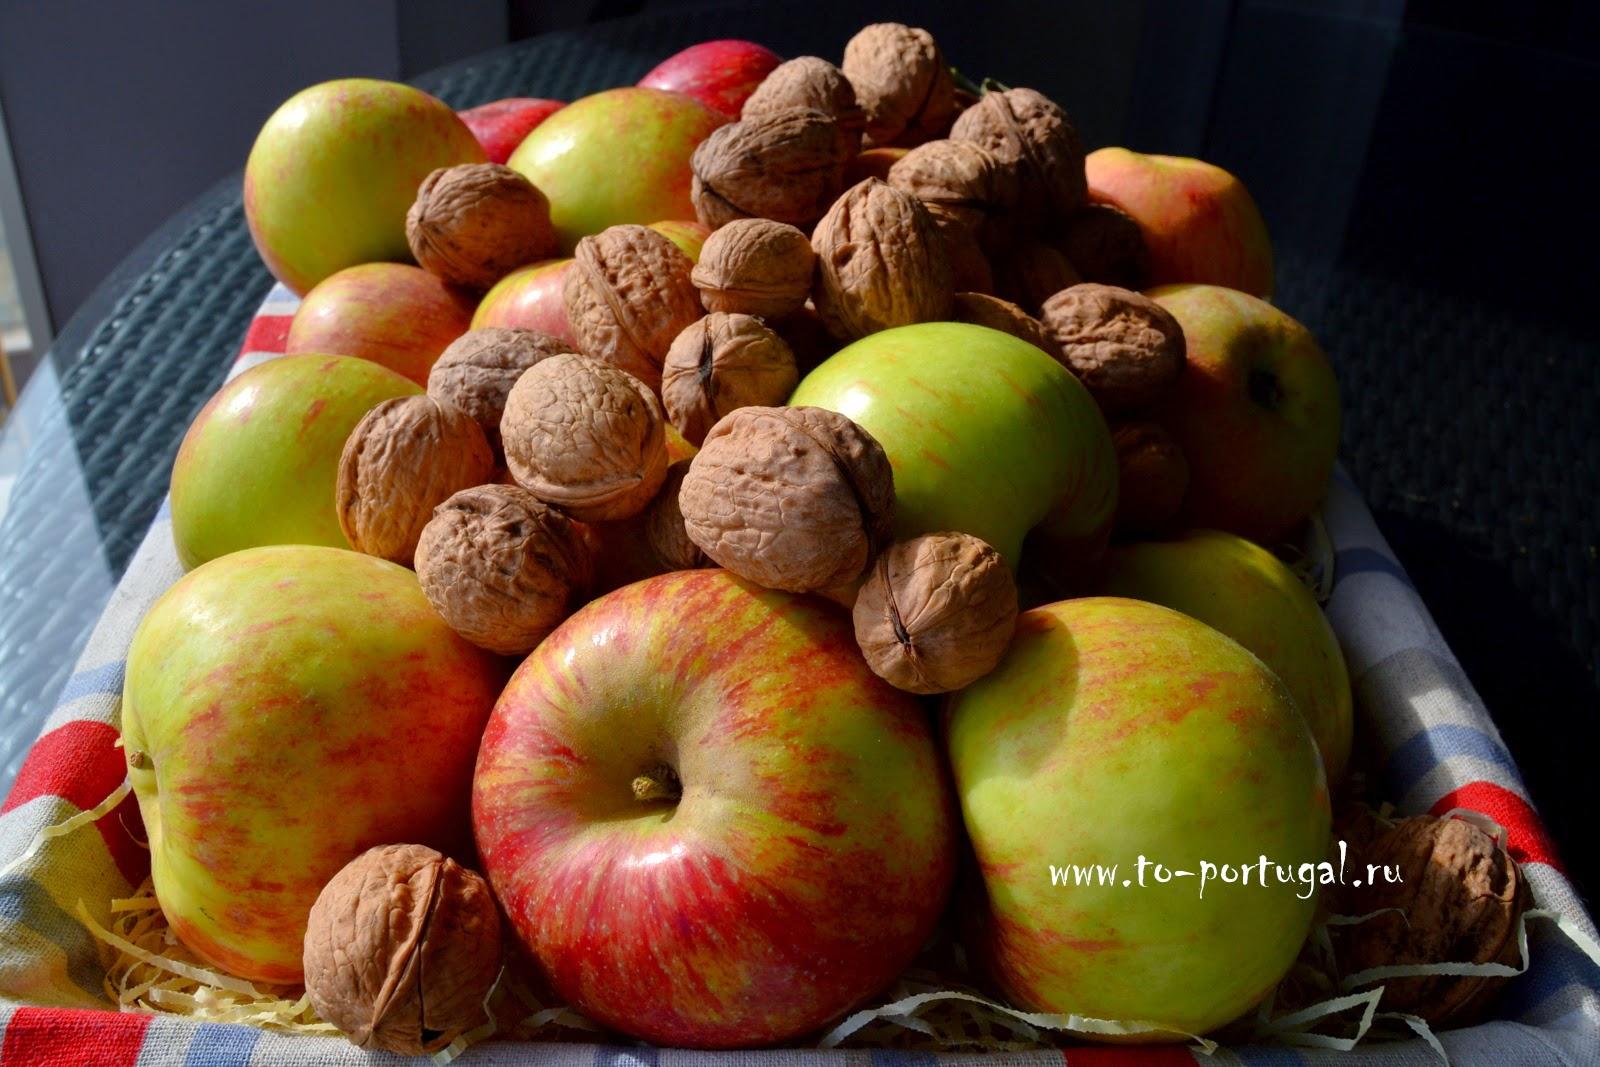 фрукты в Португалии, португальские яблоки, грецкие орехи растут в Португалии